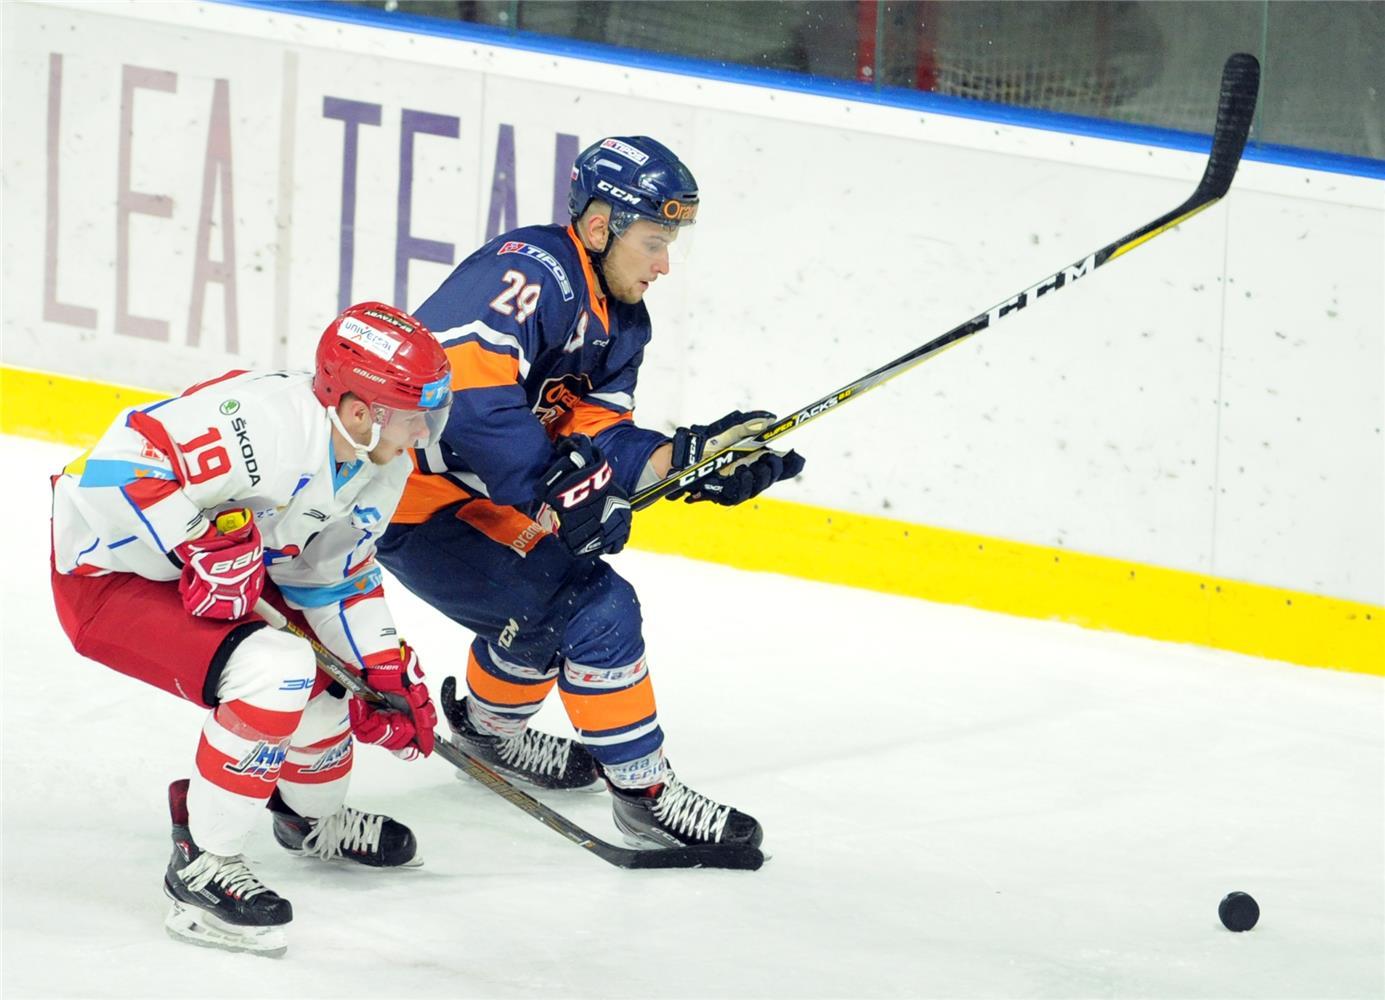 827e53af4b56b BRATISLAVA 22. októbra (SITA) - Výsledky nedeľňajších stretnutí druhej  najvyššej slovenskej hokejovej súťaže - St. Nicolaus I. ligy.